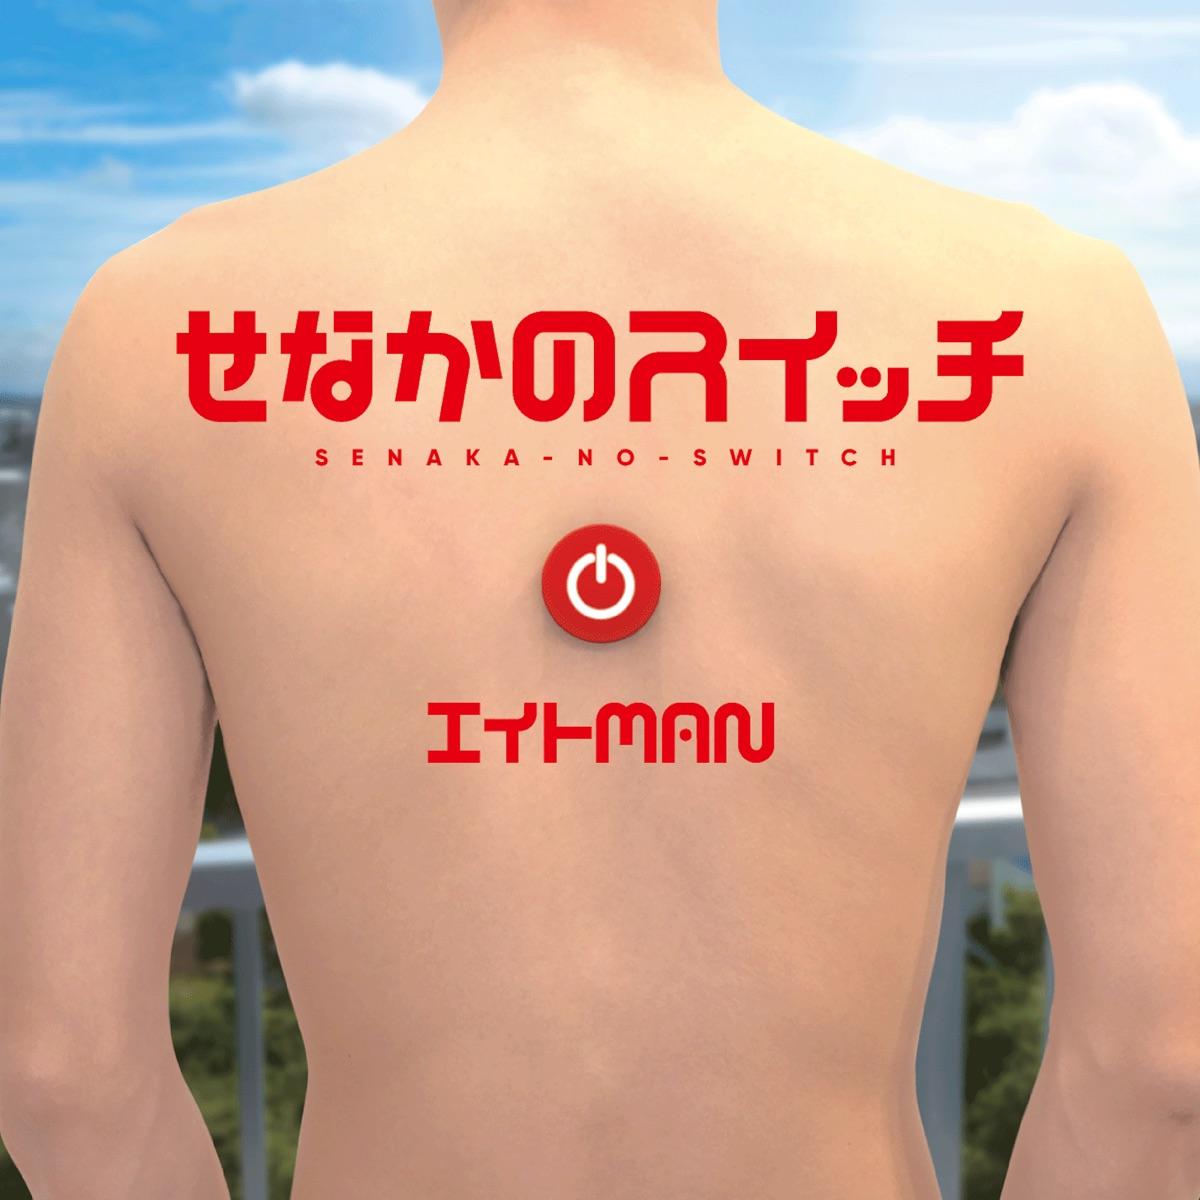 『エイトMAN - I WANNA PARTY』収録の『せなかのスイッチ』ジャケット